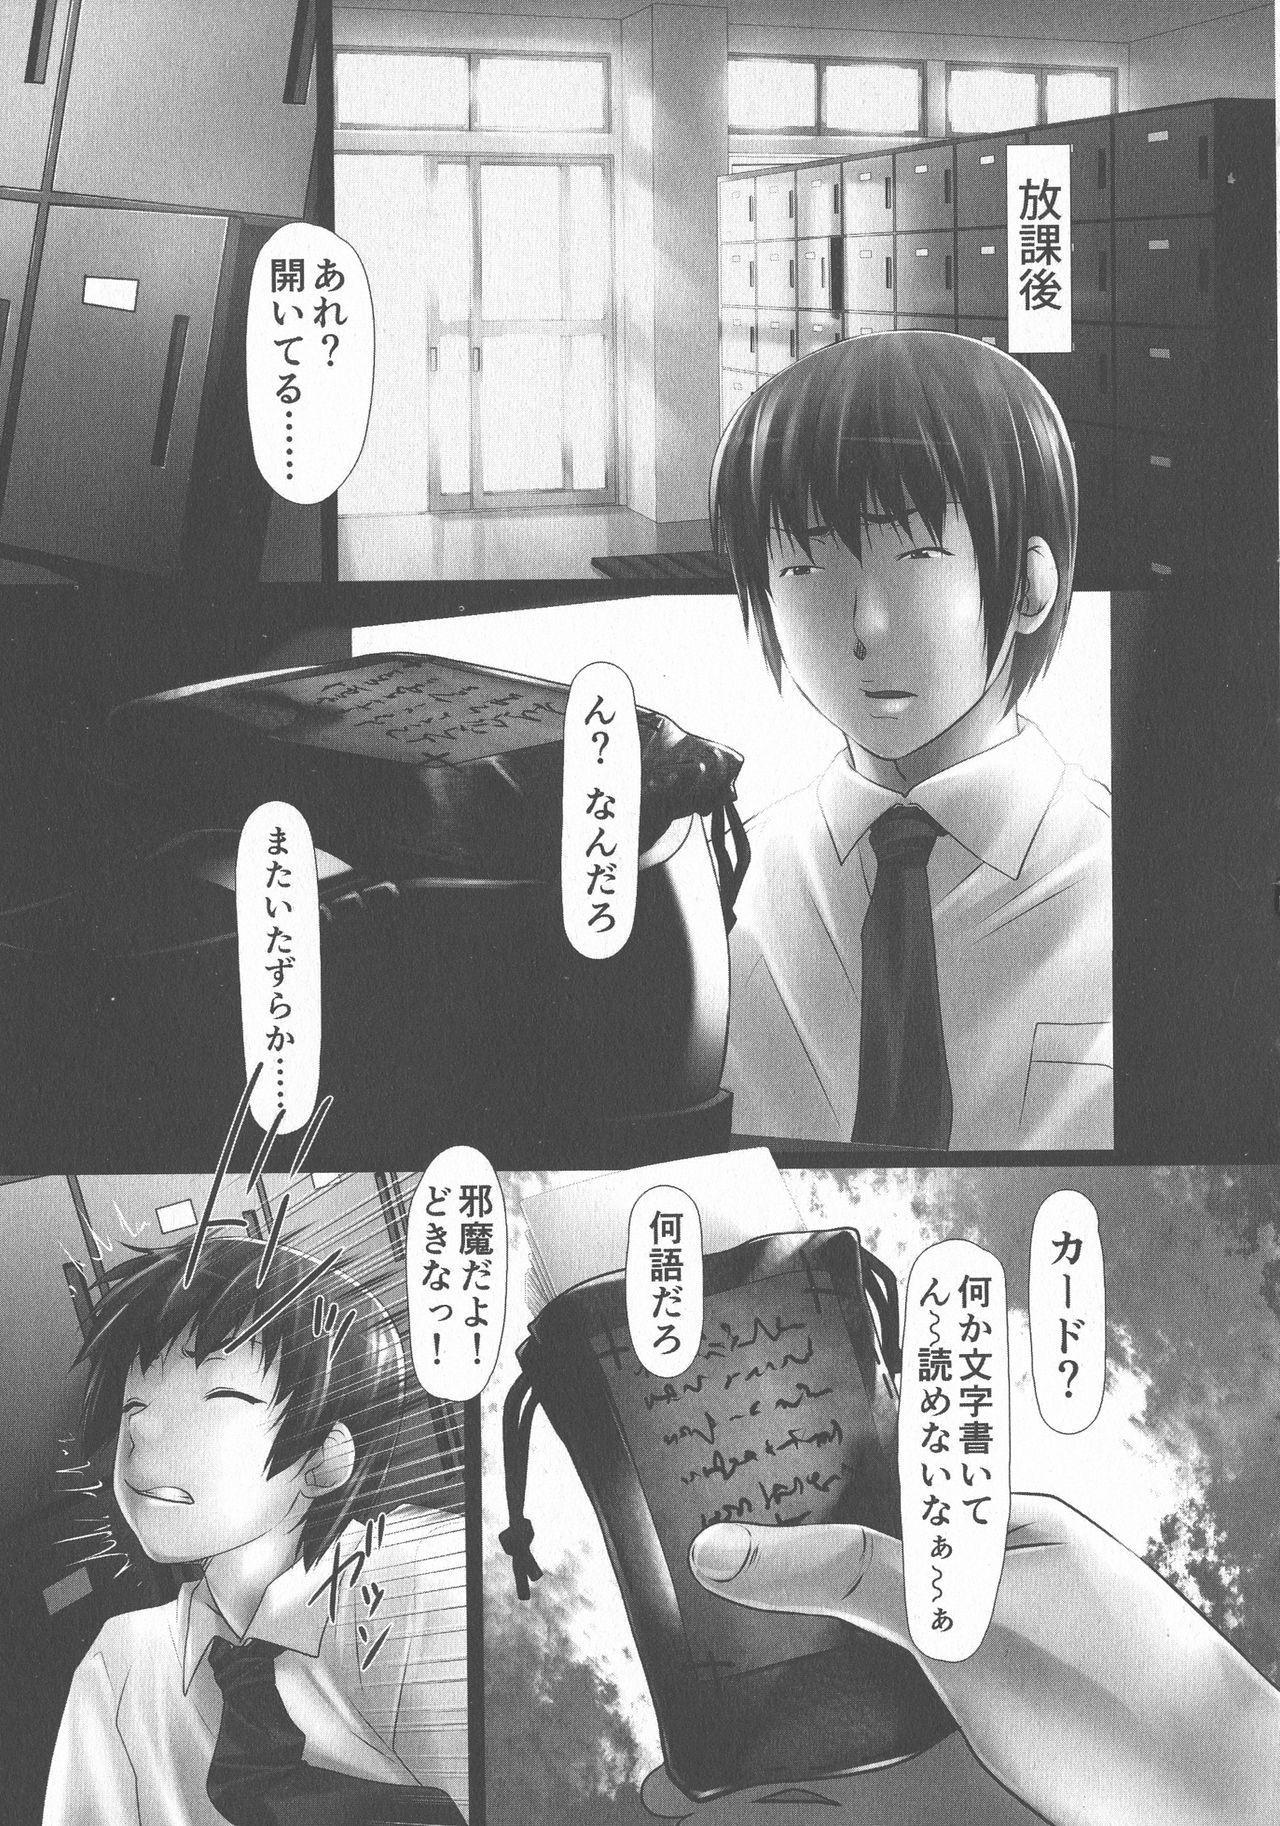 Jochiku no Utage 94